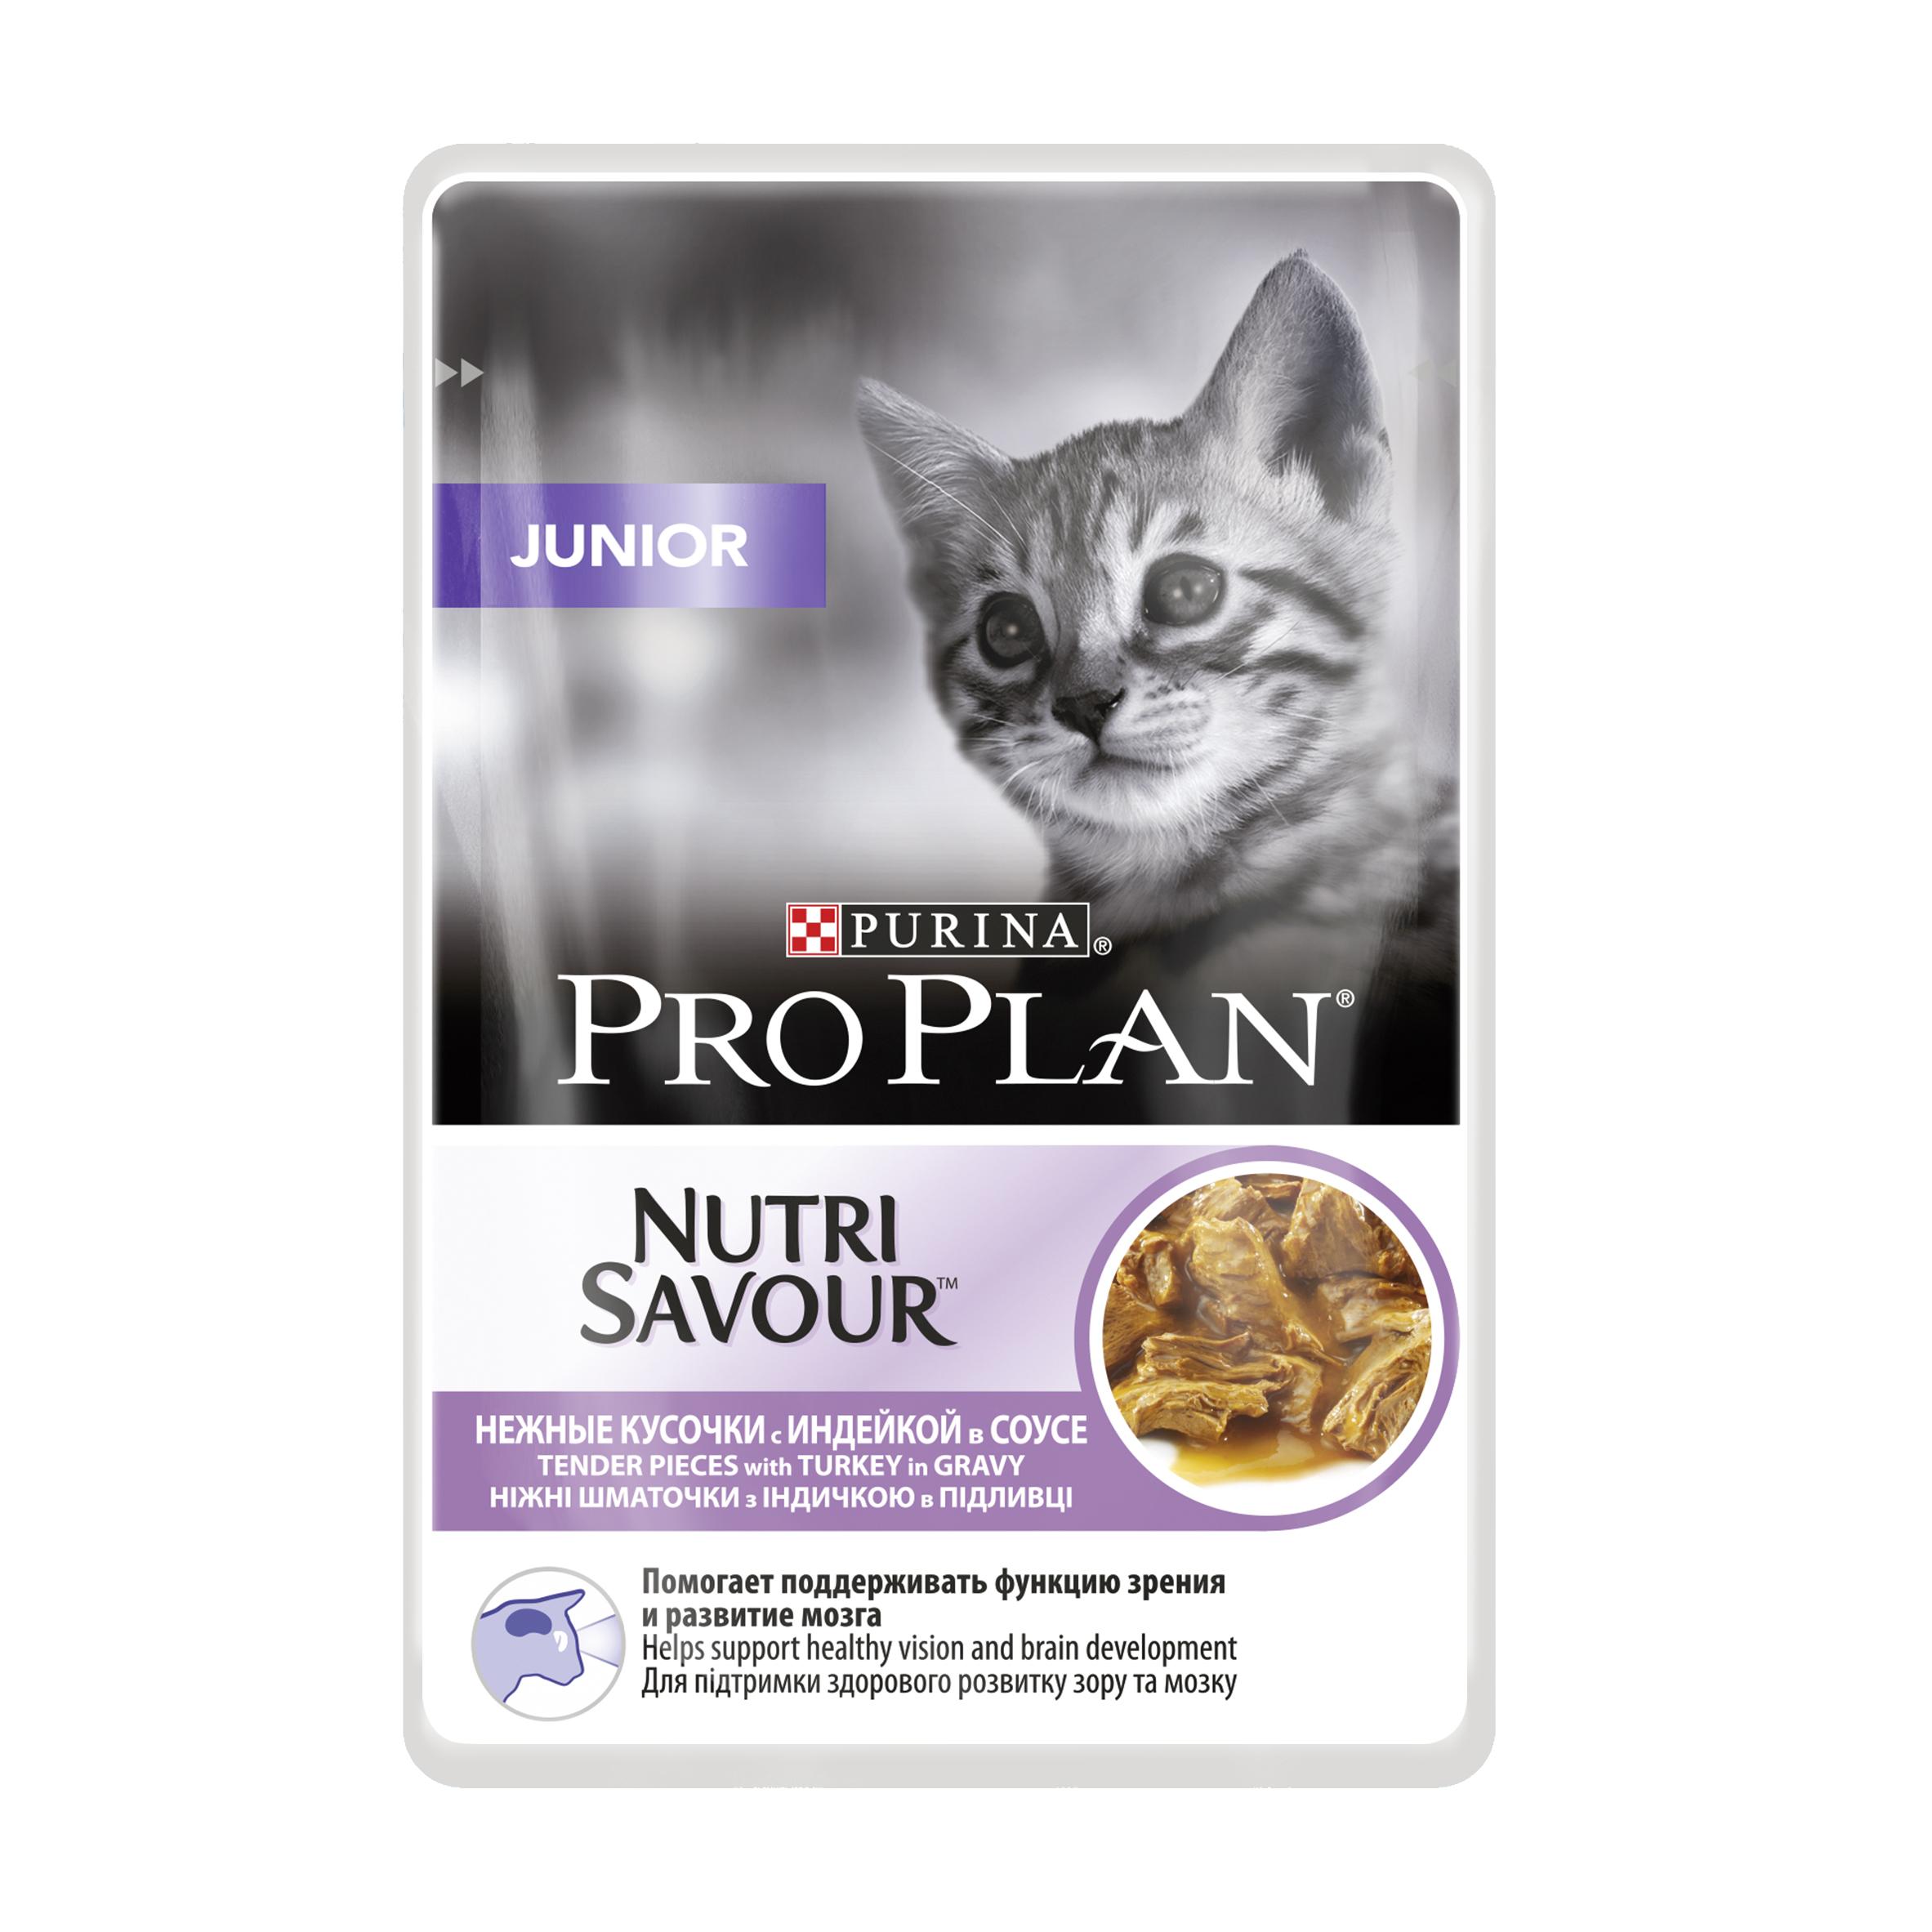 Консервы для котят Pro Plan Junior, с индейкой, 85 г7613034587817Консервы Pro Plan Junior помогает поддерживать хорошее зрение и способствует развитию мозга. Специально разработанные нежные кусочки в соусе для котят легко жевать. Рецептуракорма обеспечивает сбалансированное питание благодаря содержанию всех необходимых питательных веществ для здорового развития растущих котят. Высокое содержание белка и оптимальный состав минеральных веществ способствуют здоровому развитию костей и мышечной массы котенка.Состав: мясо и мясные субпродукты (в том числе индейка 4%), экстракты растительных белков, рыба и рыбные субпродукты, субпродукты растительного происхождения, минеральные вещества, растительные и животные жиры, красители, различные сахара, витамины. Добавленные вещества (МЕ/кг): витамин A 1329, витамин D3 185, витамин E 295, таурин573, железо 12,68, йод 0,48, медь 1,21, марганец 2,22, цинк 34,35, селен 0,028. Гарантируемые показатели: влажность 78,0%, белок 12,5%, жир 4,0%, сырая зола 2,4%,сырая клетчатка 0,3%, ДГК 0,01%. Товар сертифицирован.